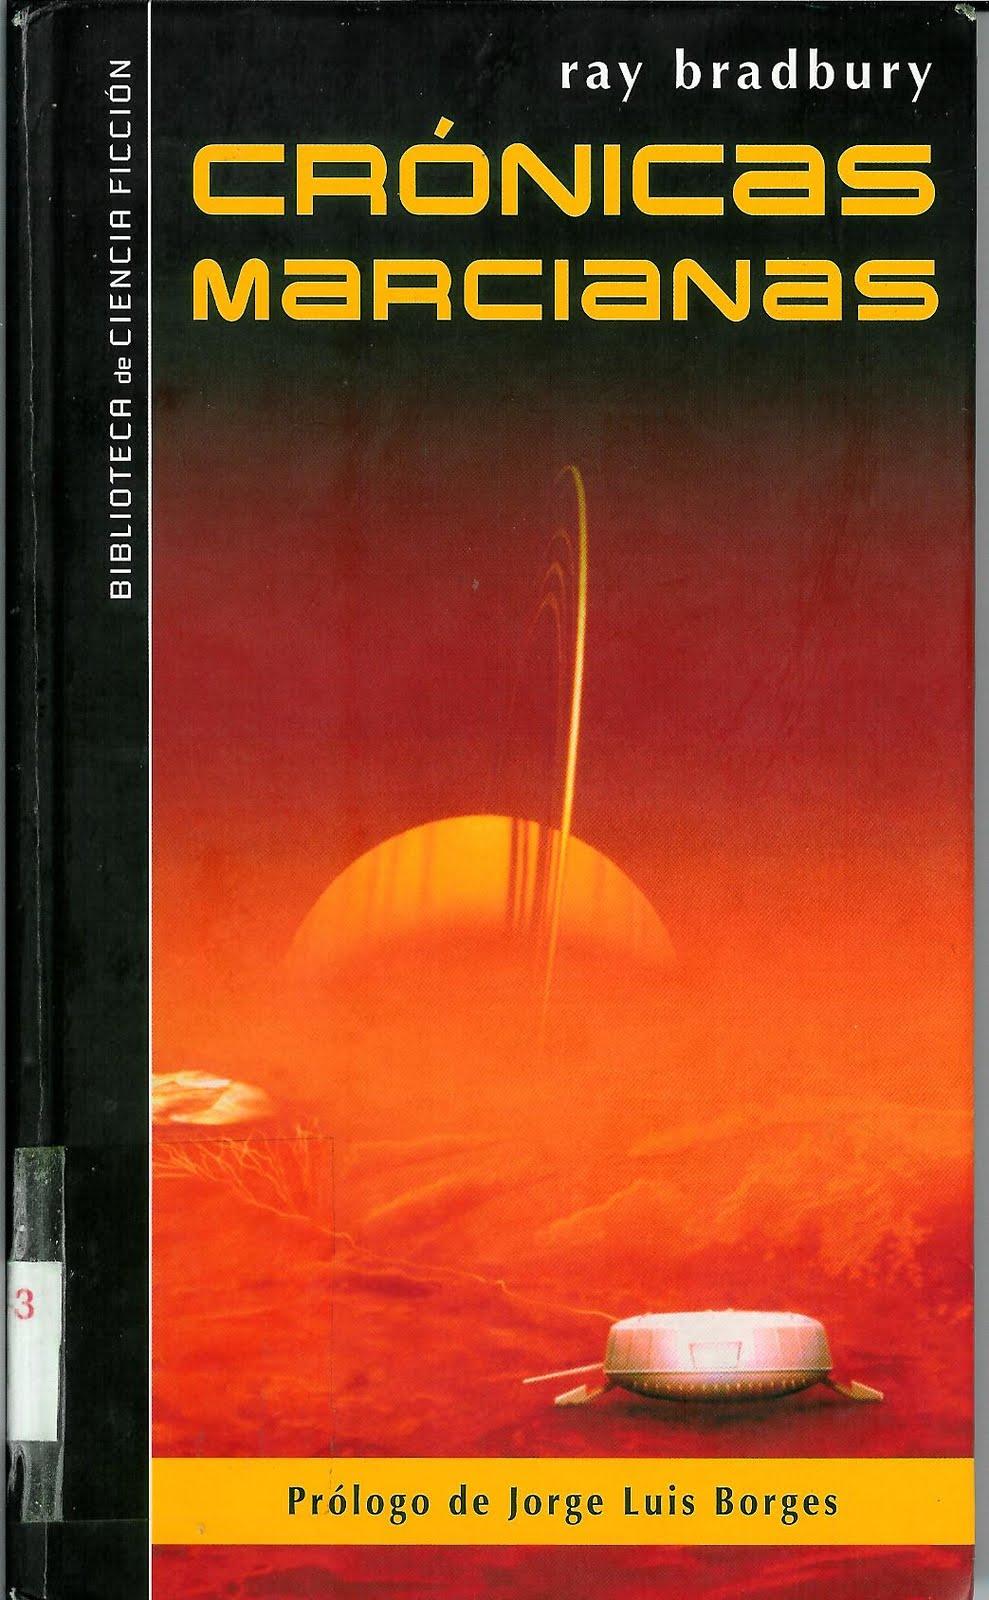 cronicas+marcianas+001 15 libros clásicos que te sorprenderán